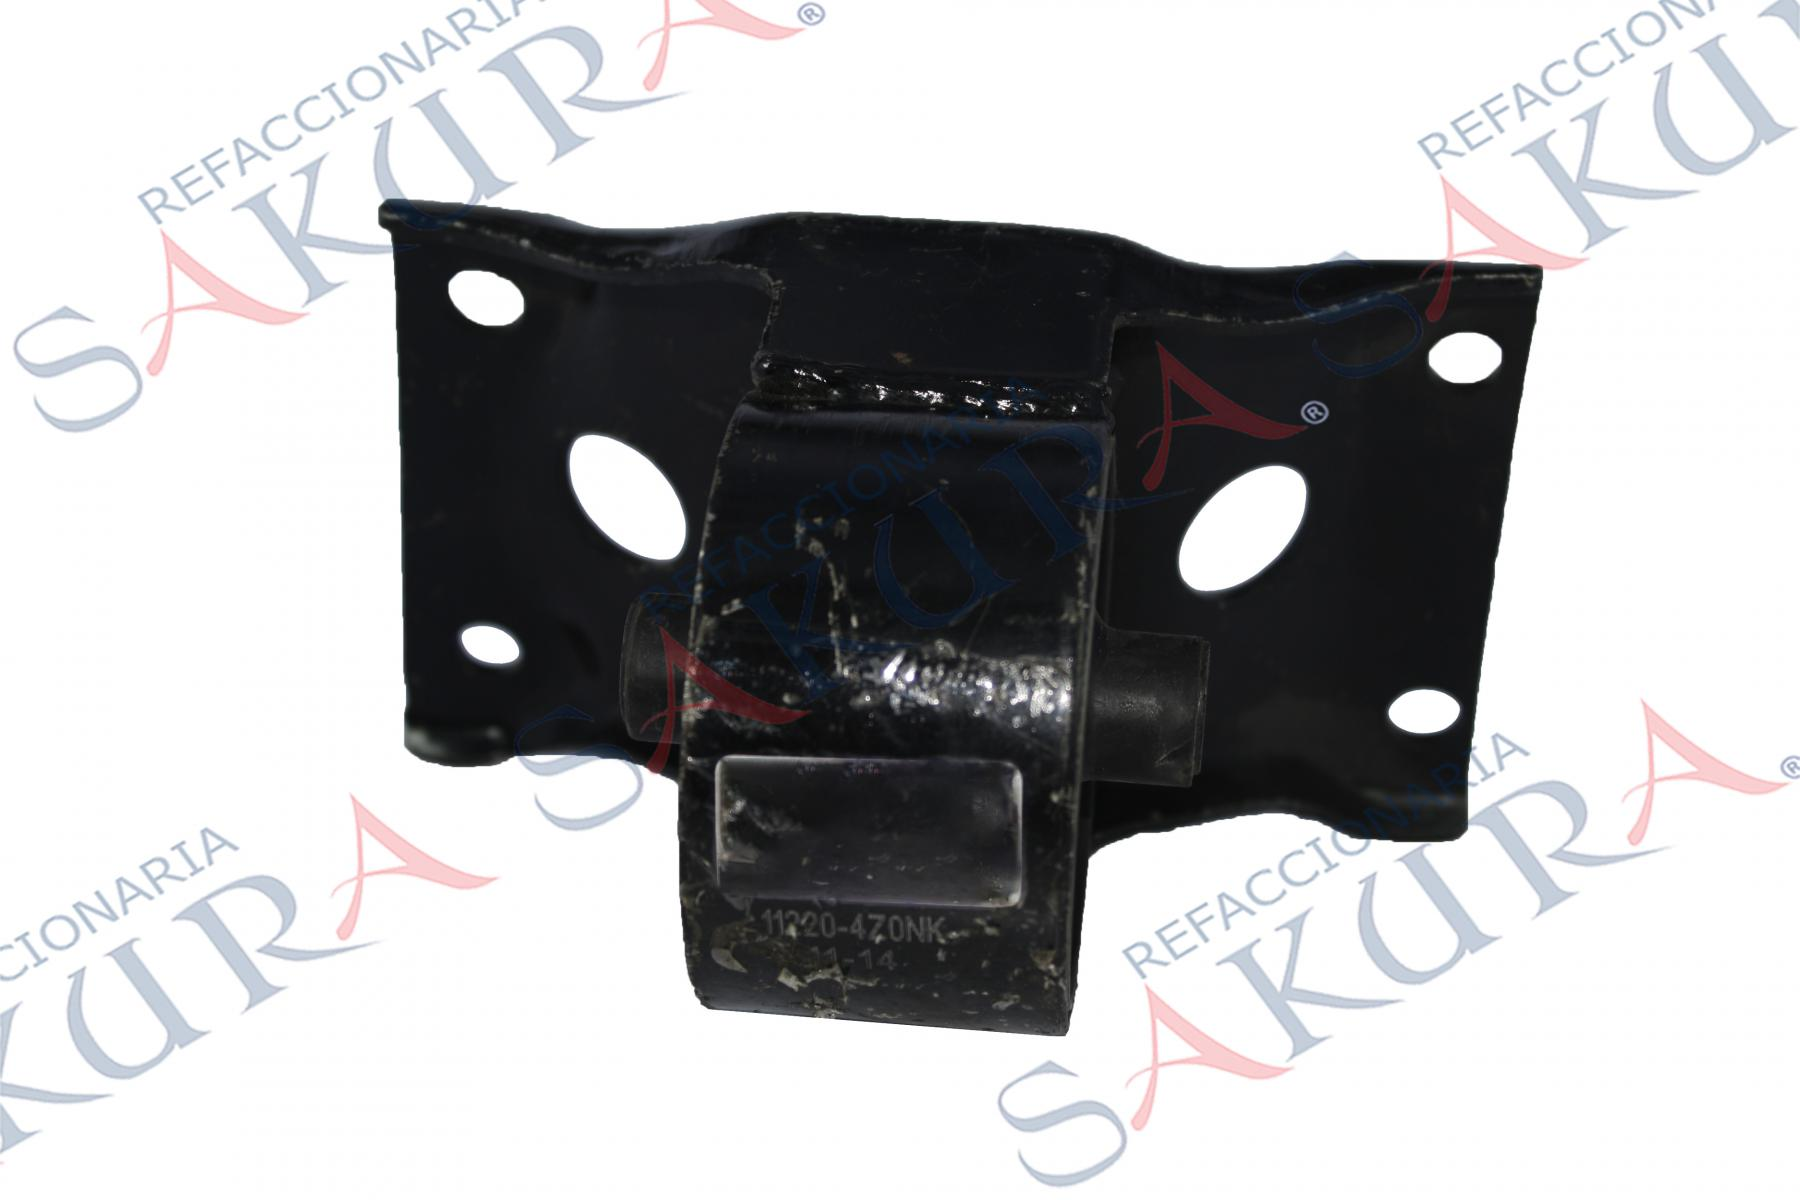 11220-4Z0NK, Soporte Caja Velocidades  (Safety)